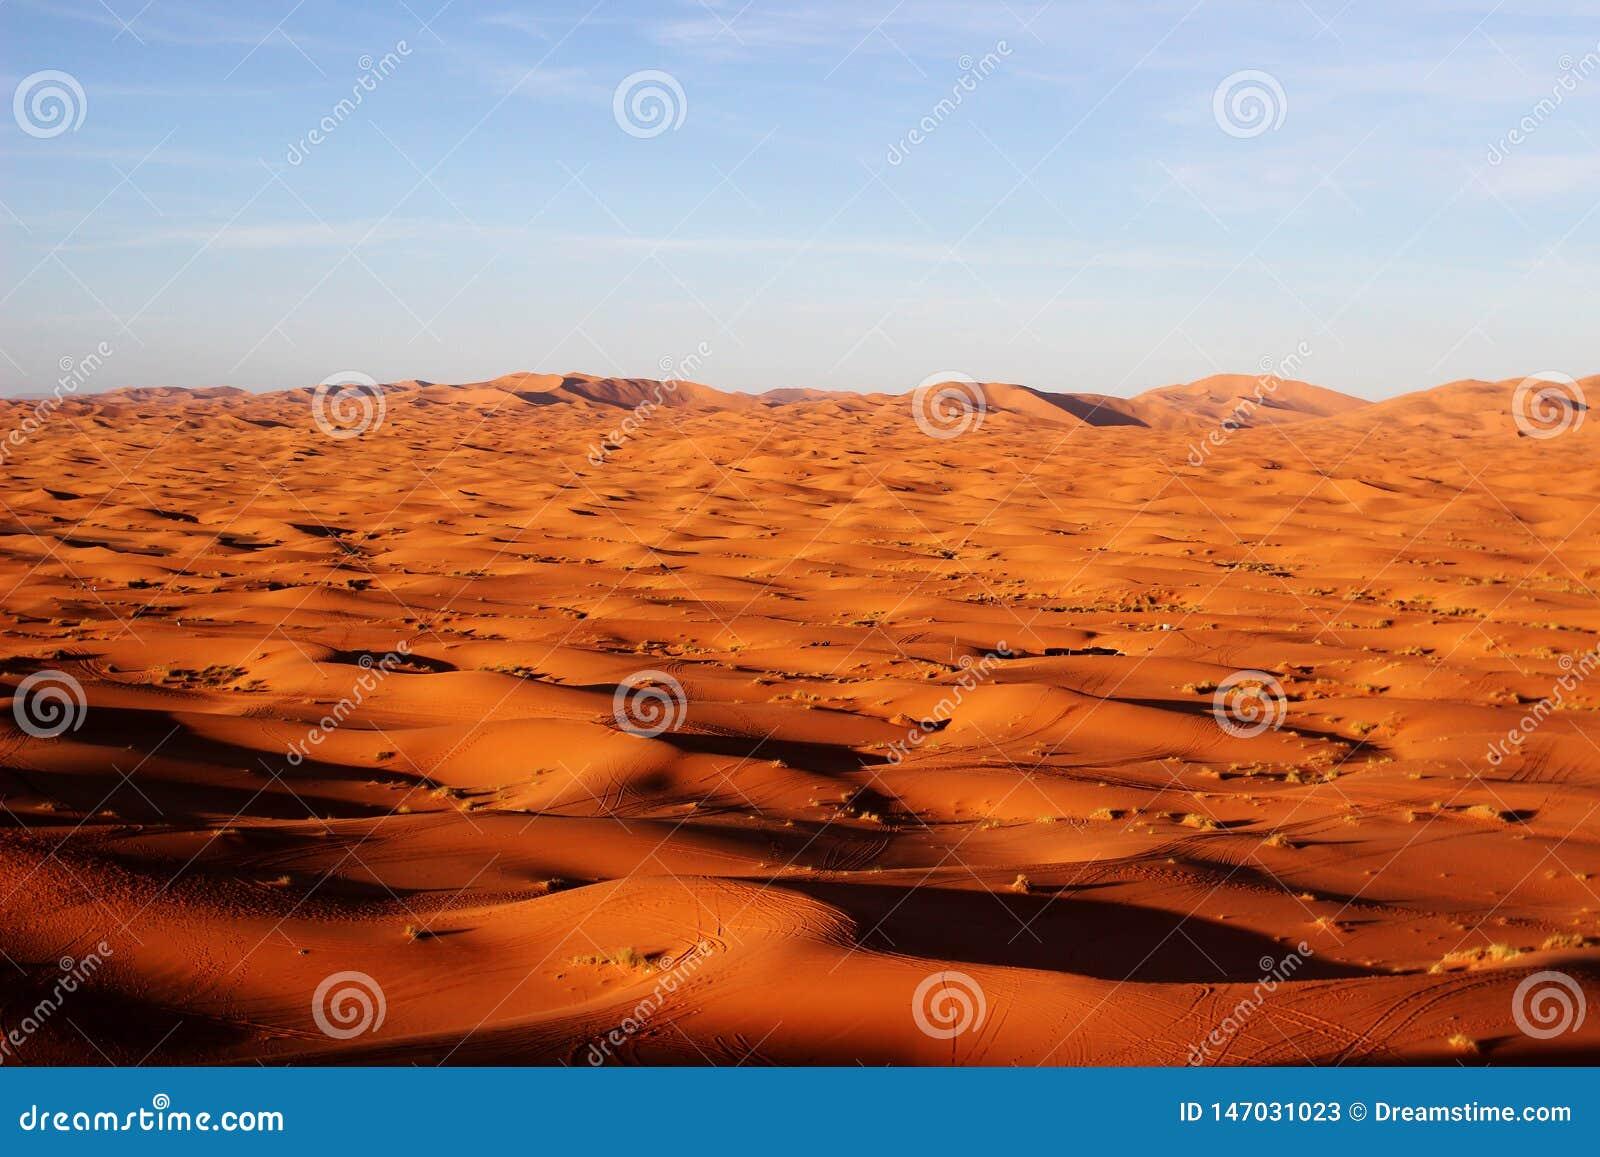 Ein Stück von Sahara-Wüste